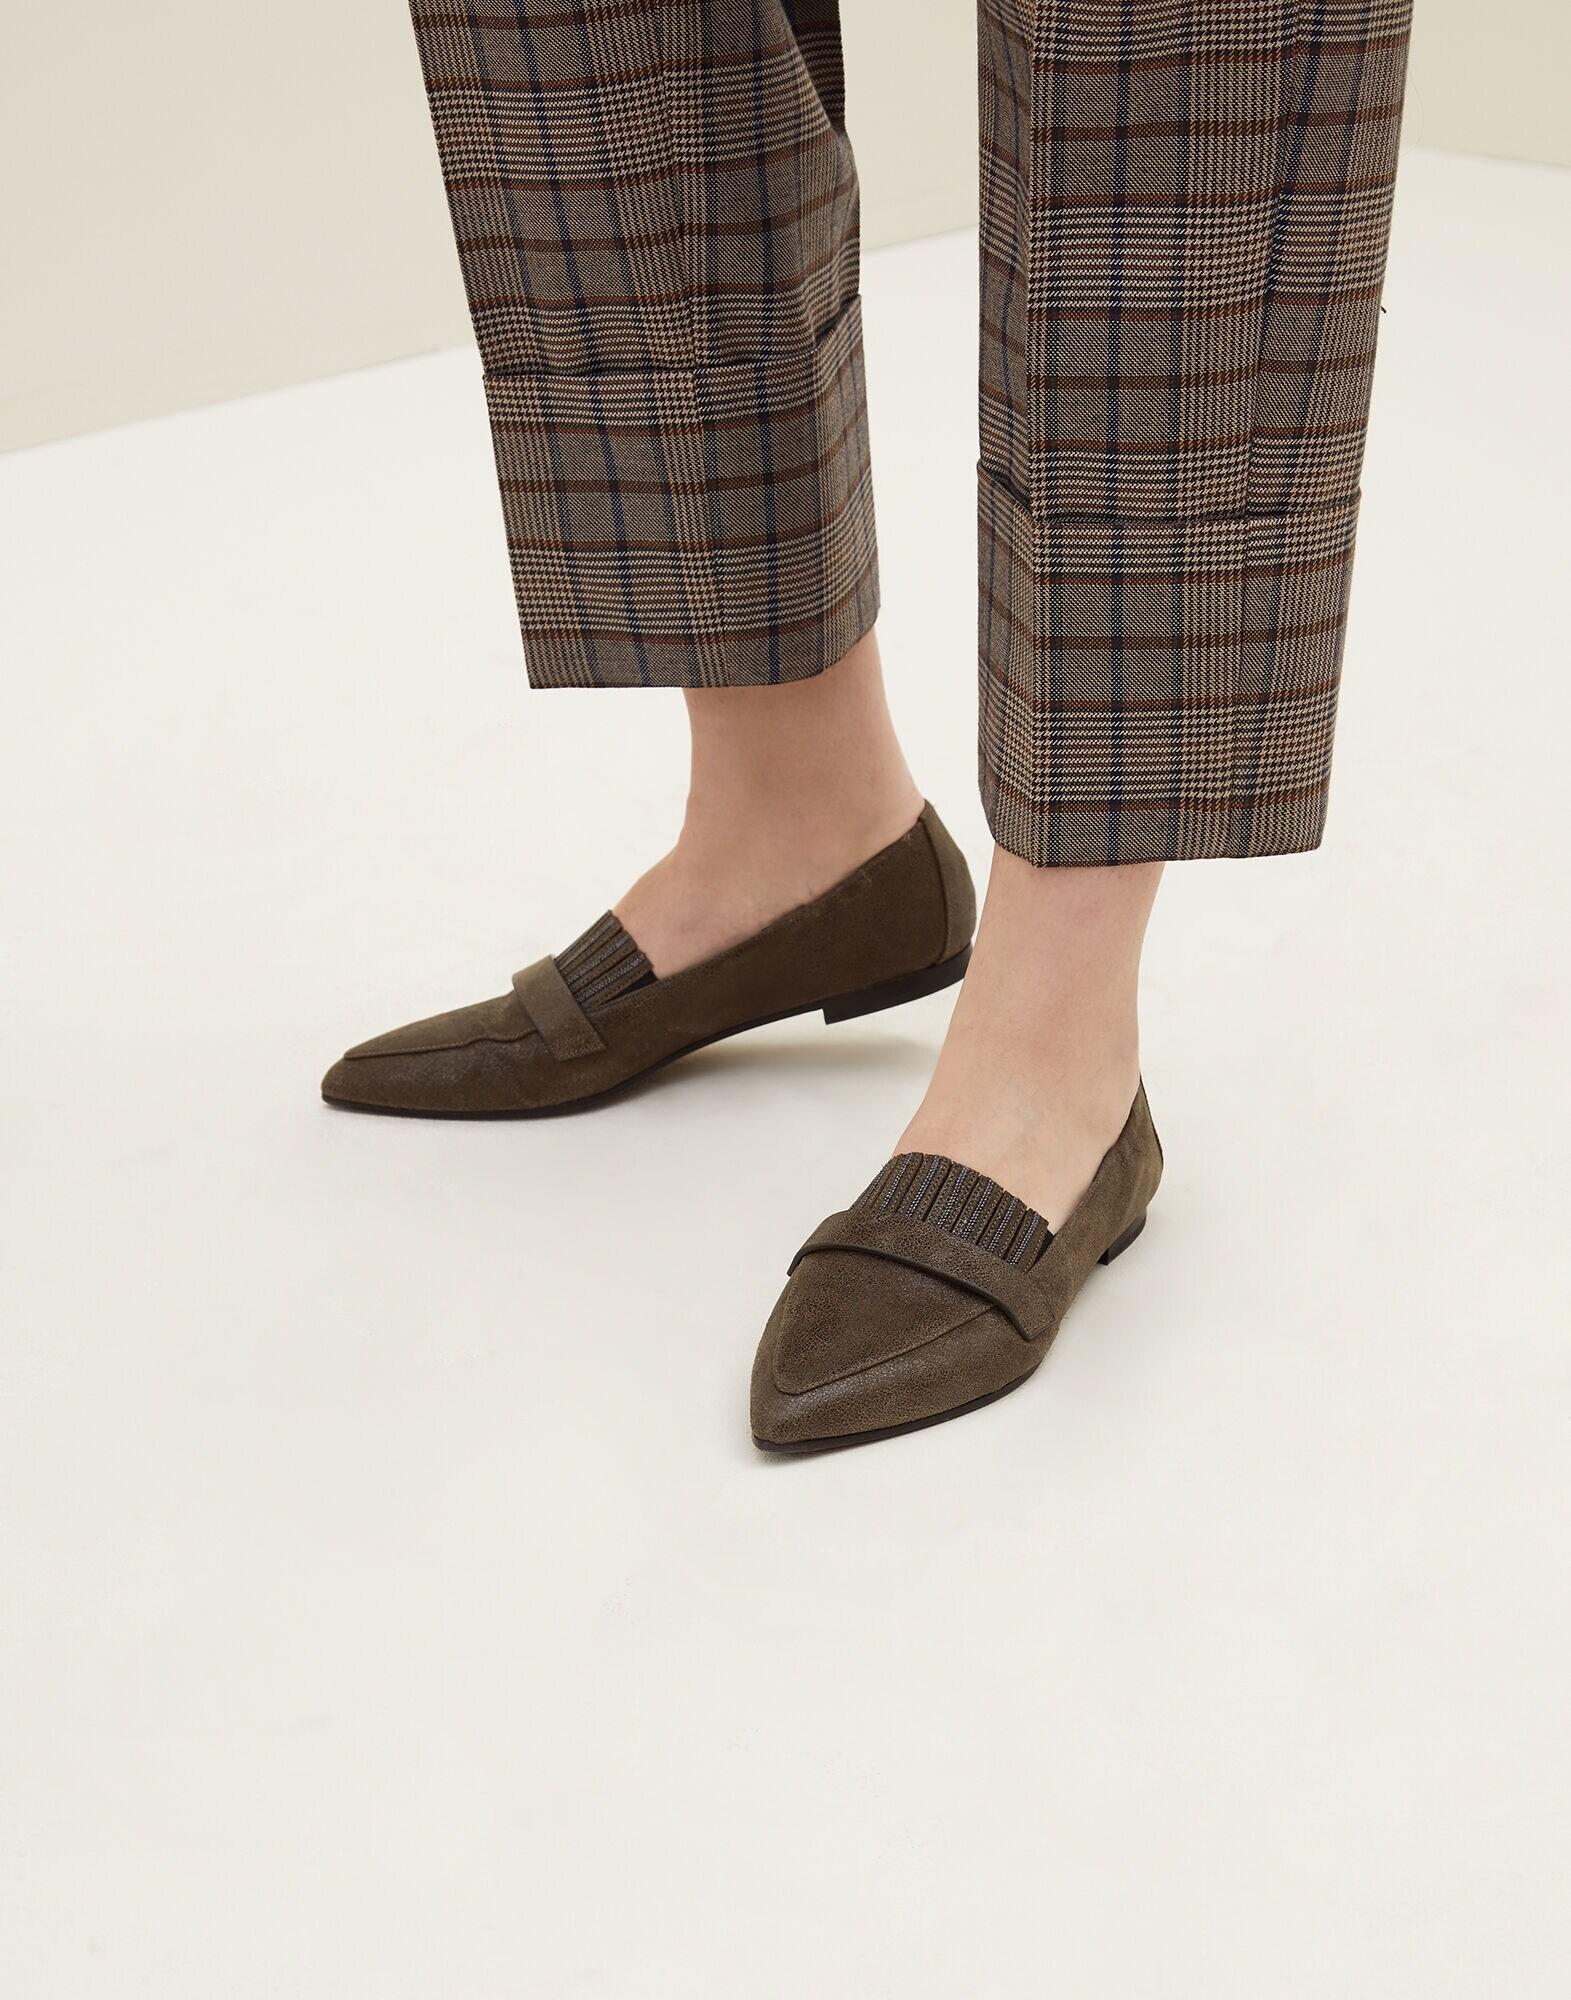 at WI. Lands' End: Kleidung und Schuhe für Damen